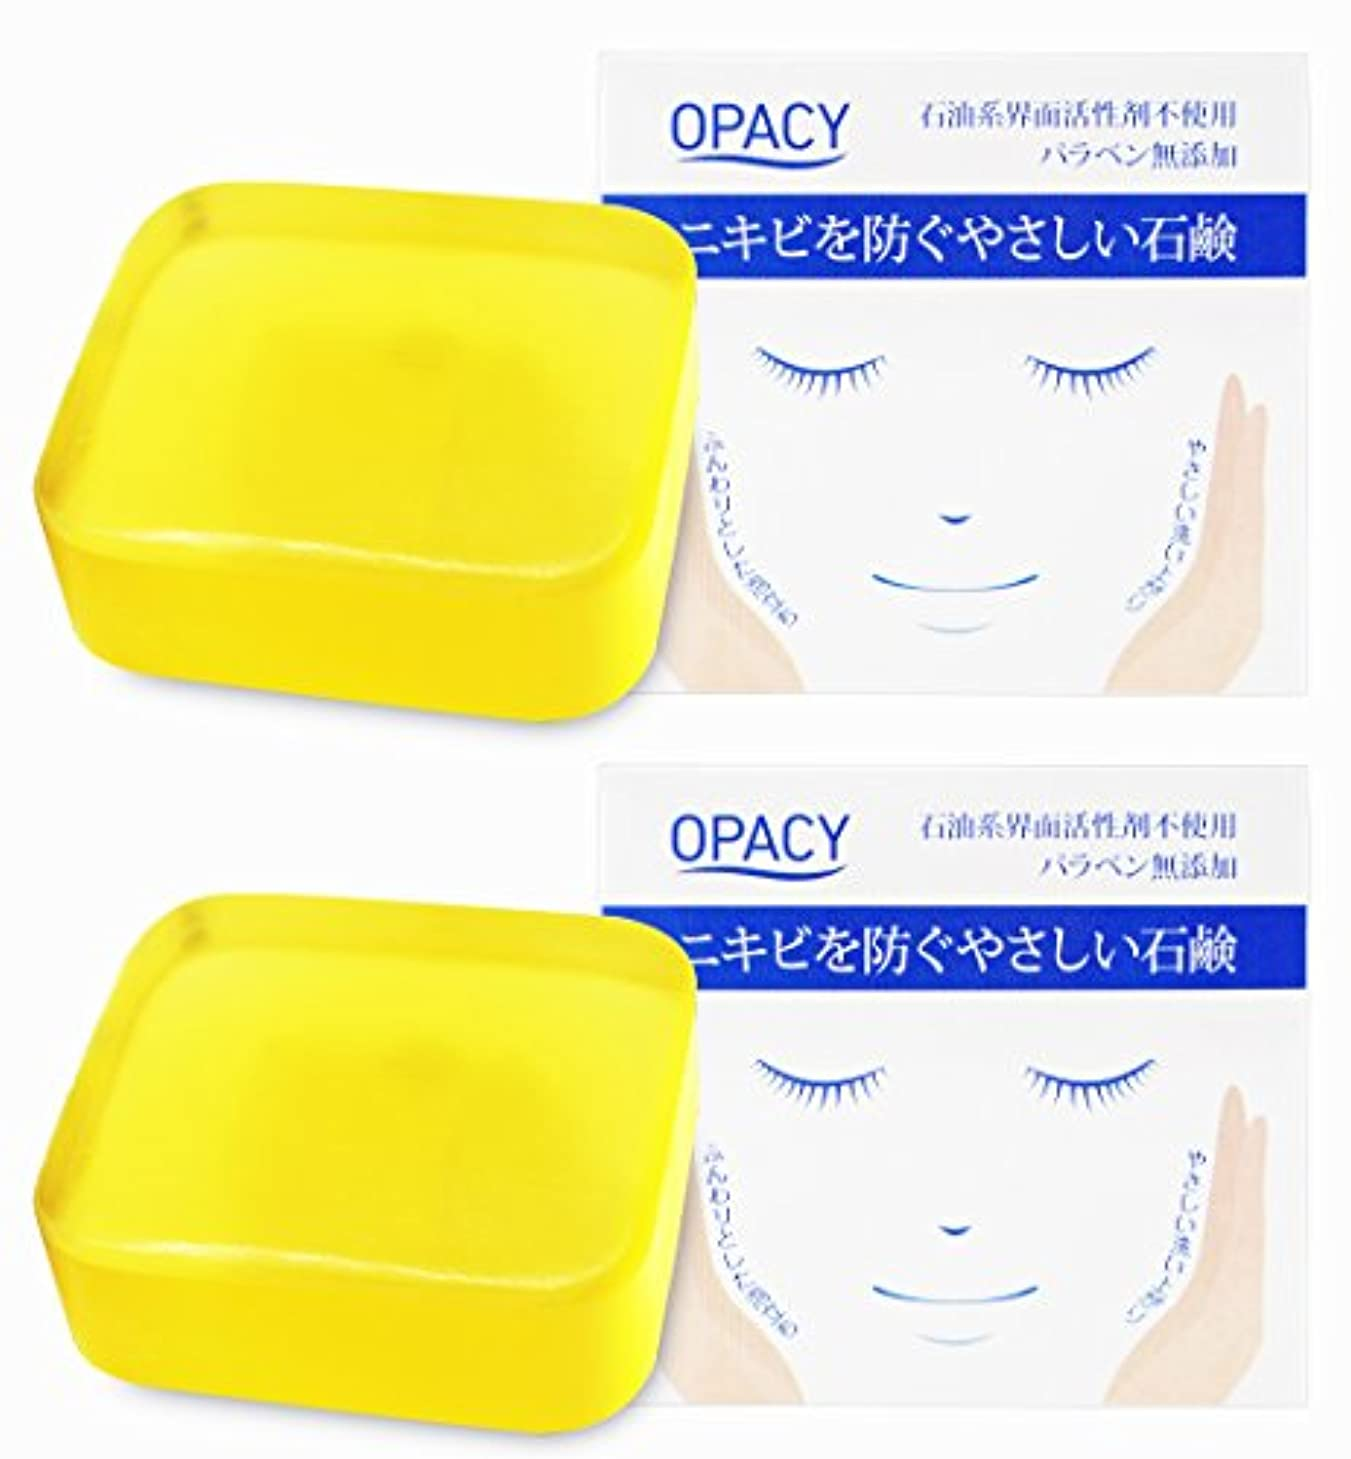 つまらないそれから動脈【2個セット】オパシー石鹸100g (2個)